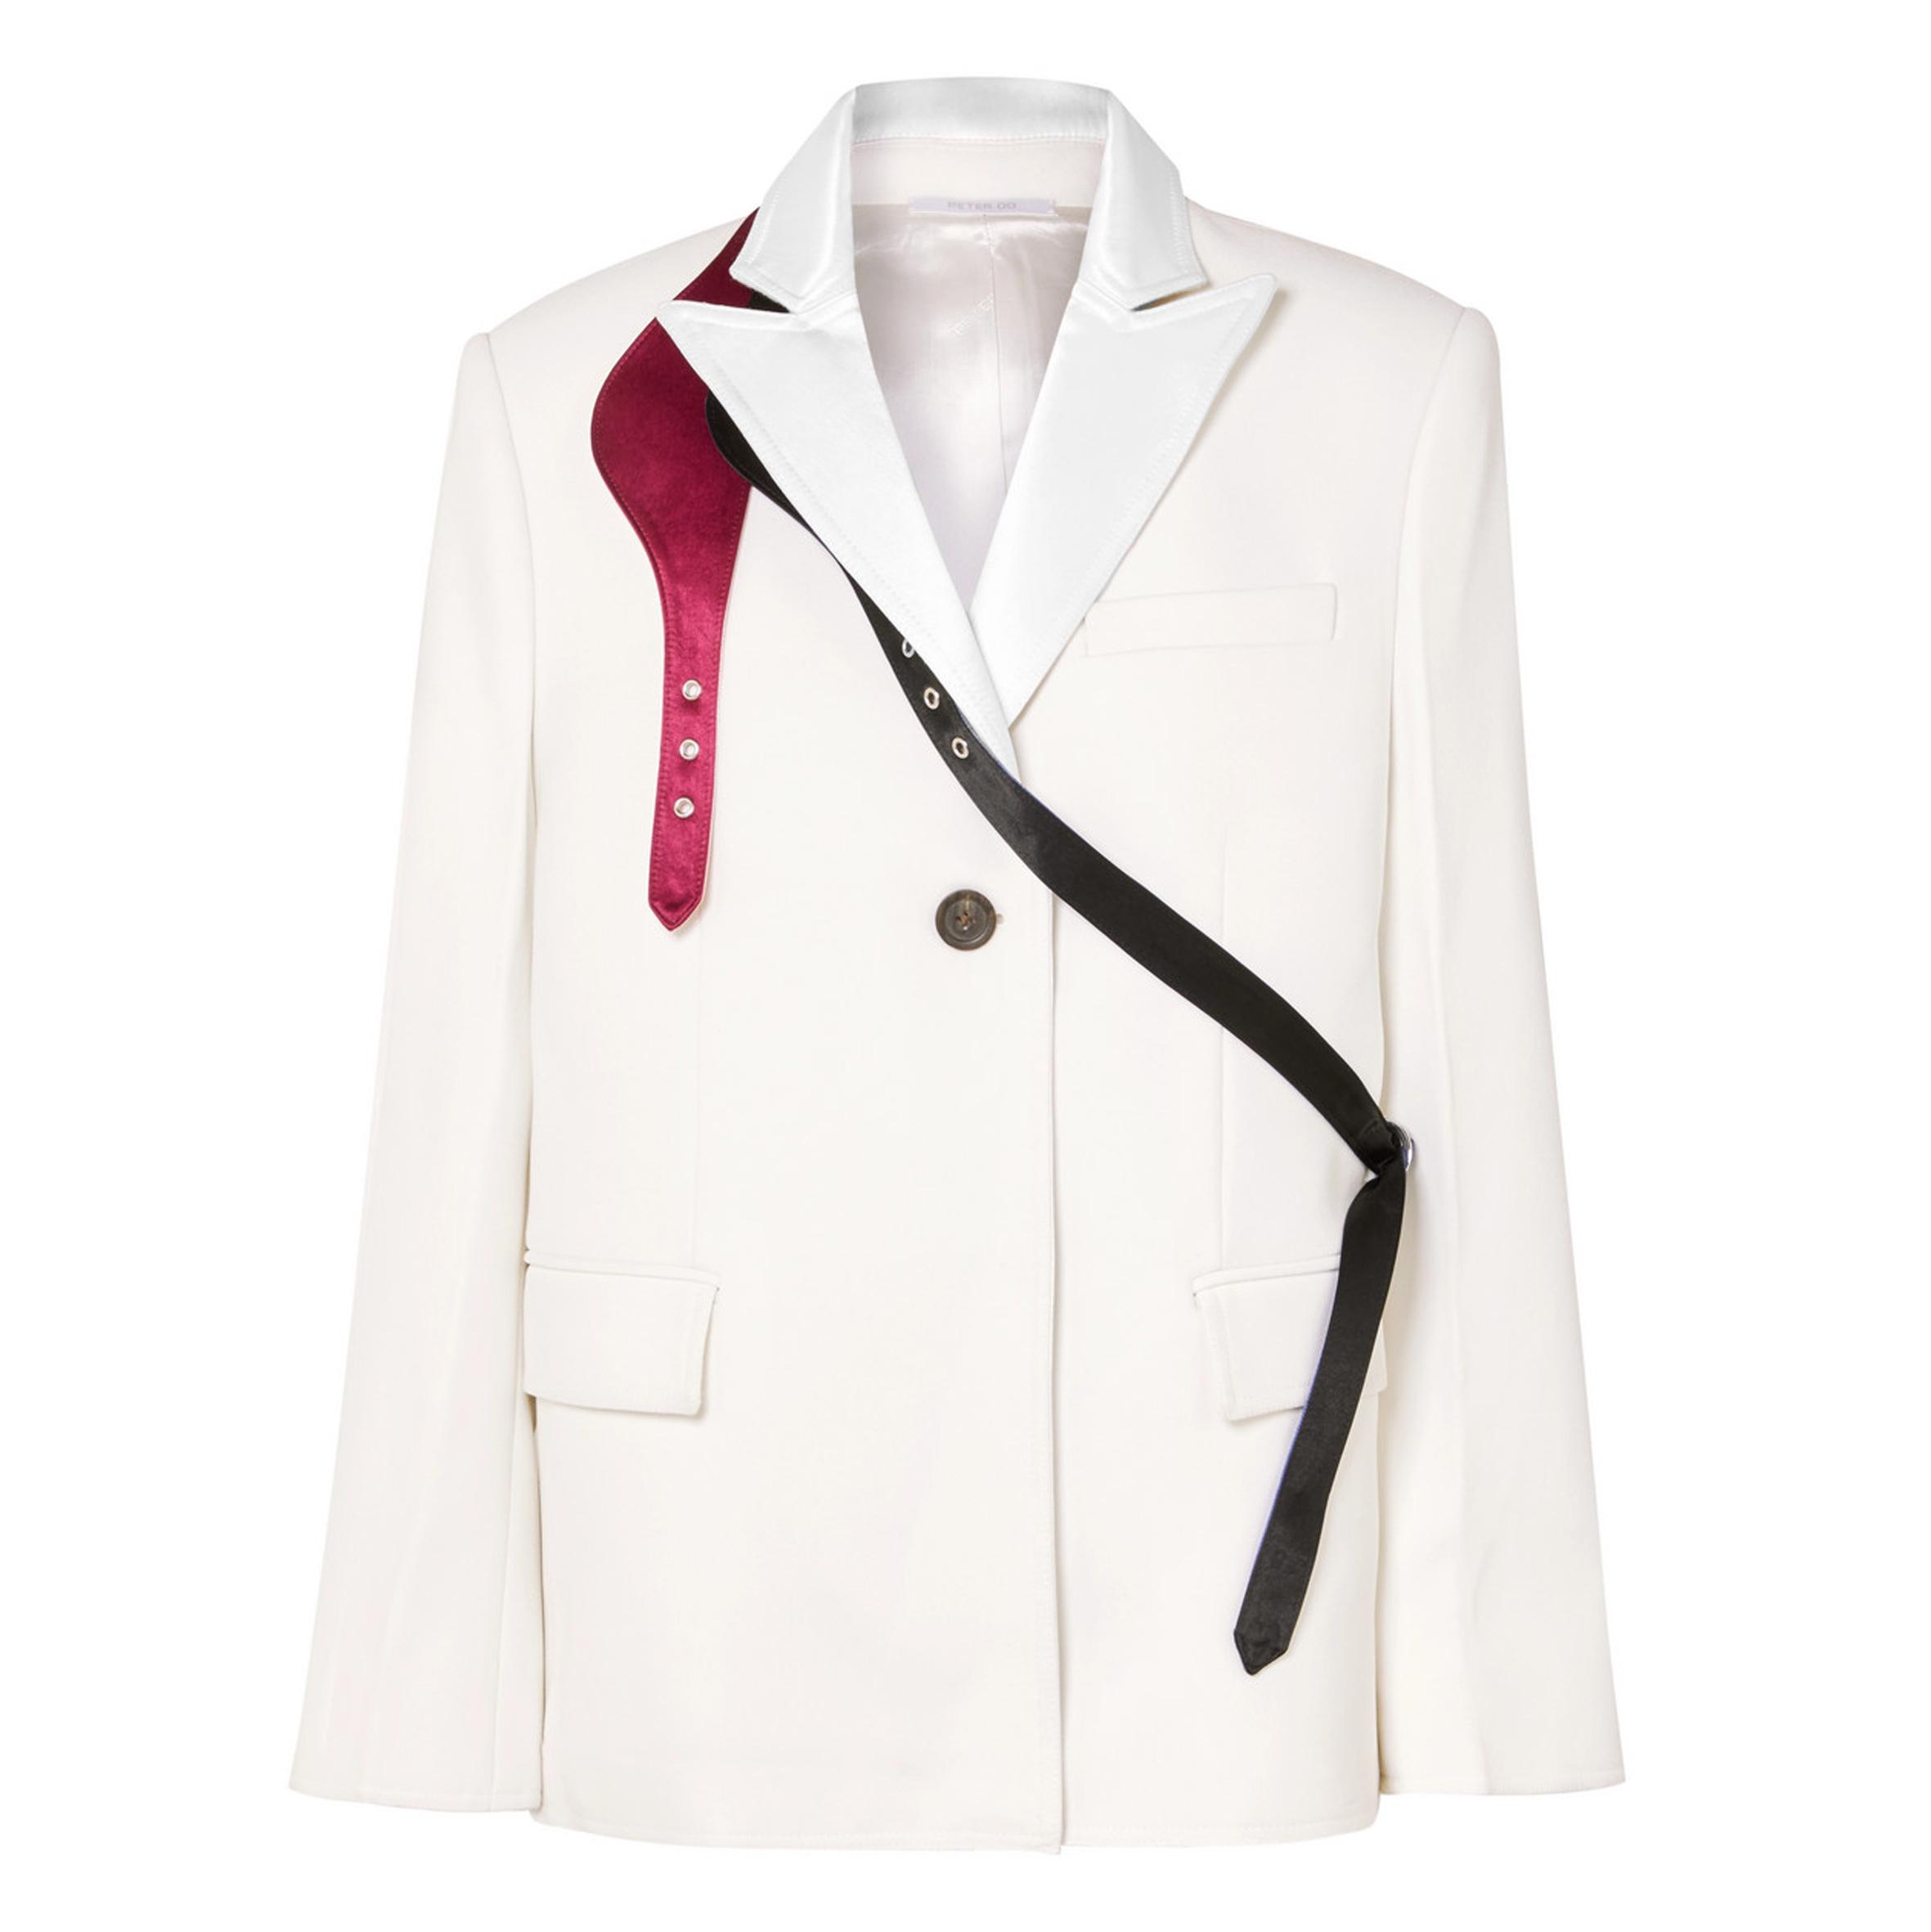 Peter Do - Buckled satin-trimmed crepe blazer | SGD 2,757